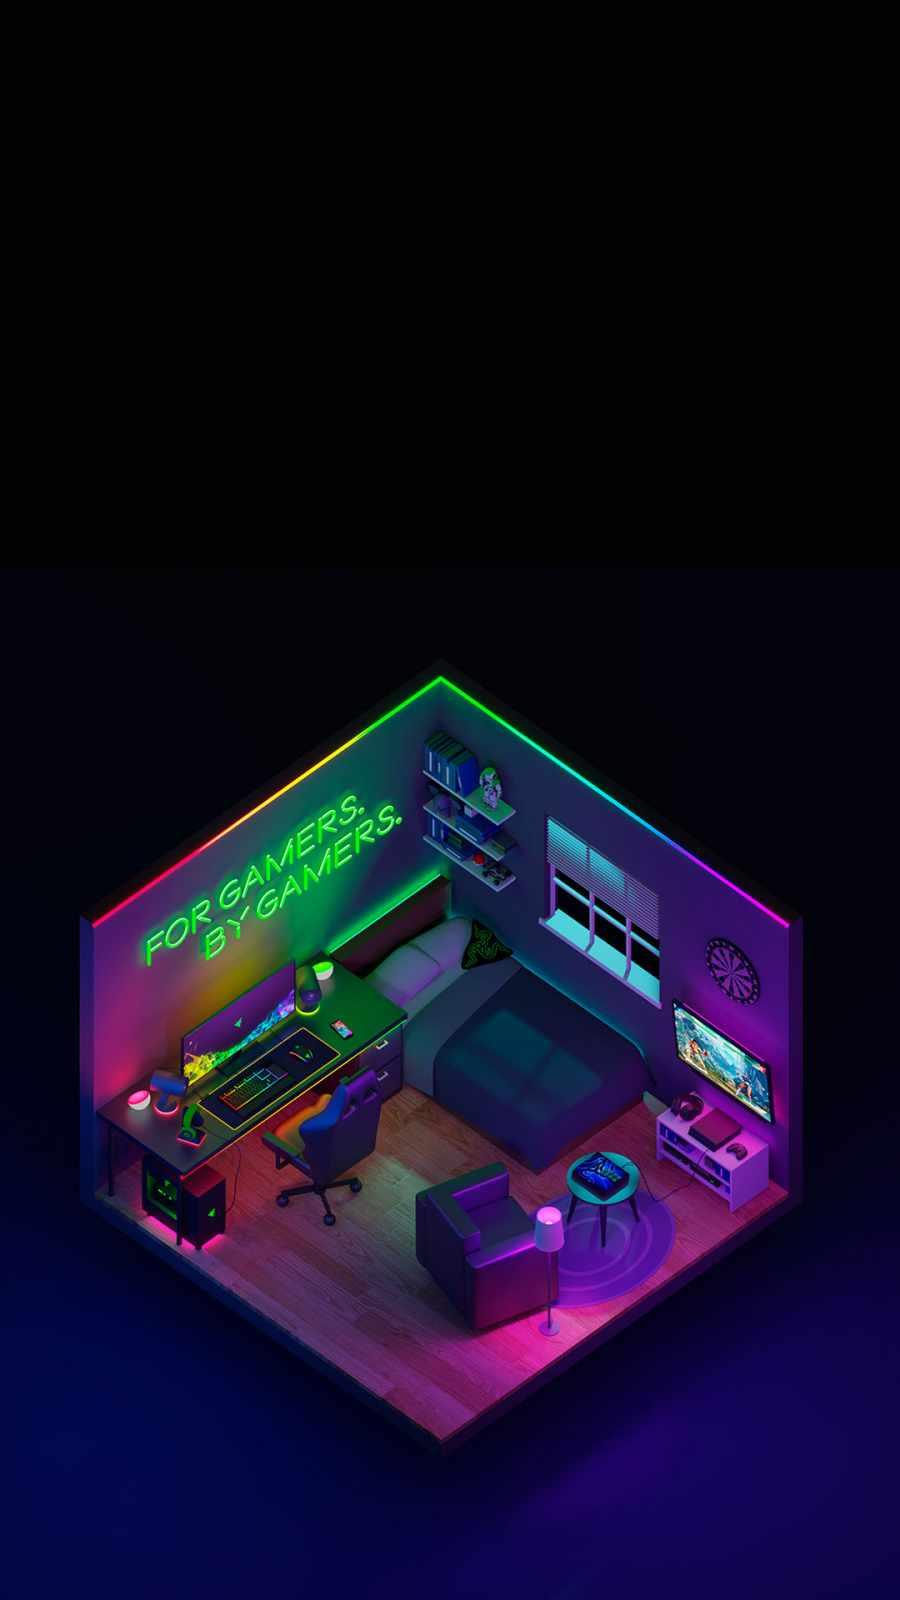 Razer Gaming Setup iPhone Wallpaper